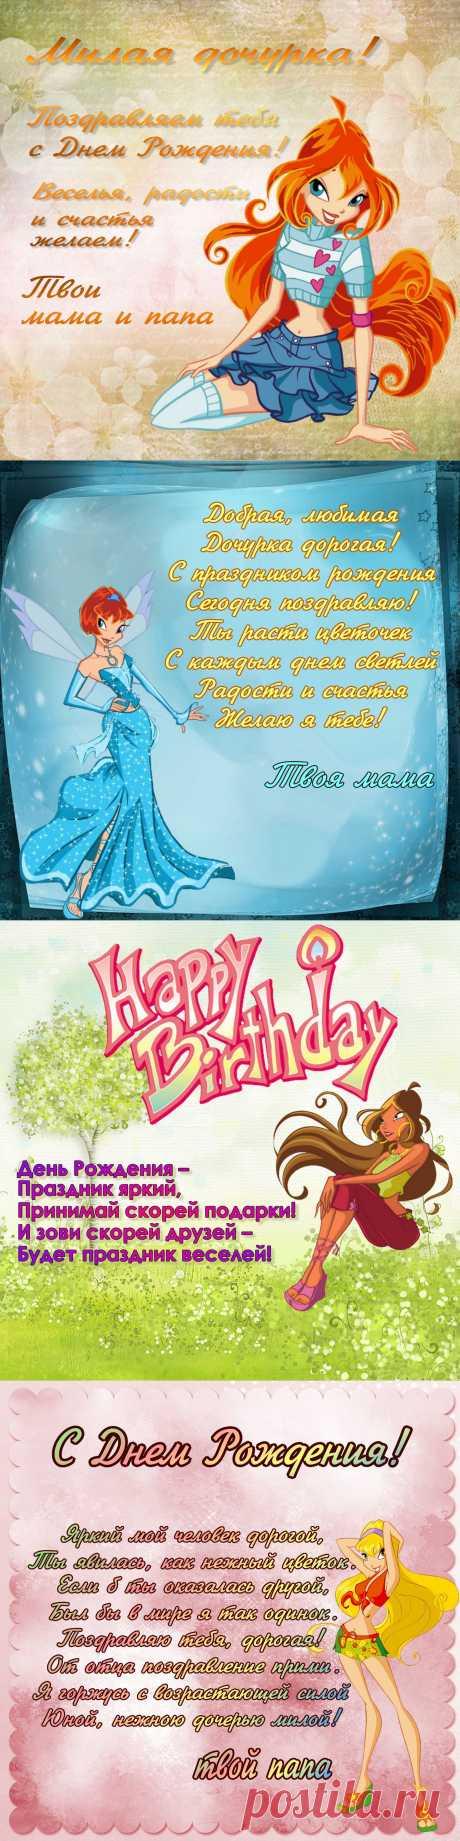 Открытки поздравления на День рождения для девочки с Winx, Винкс на день рождения, Поздравления с днем рождения, pra3dnuk.ru